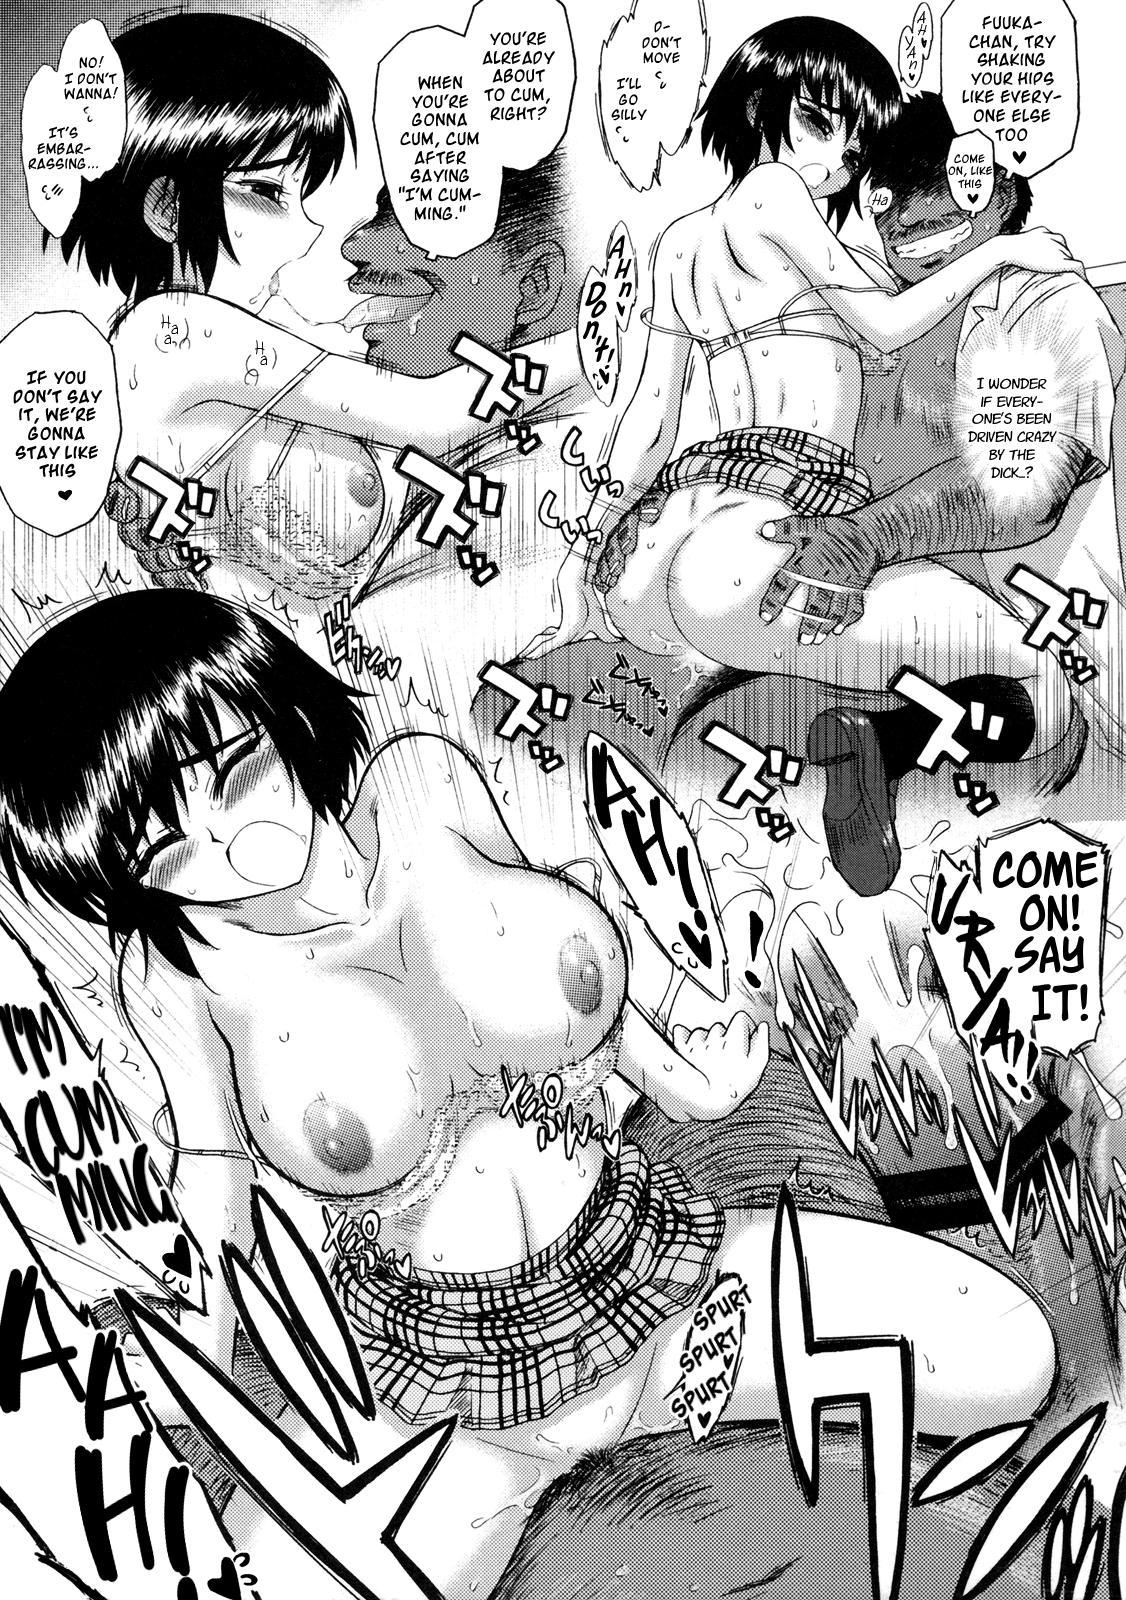 Fuuka to Wakuwaku Chikan Densha | Fuuka and a Train of Excited Molesters 19